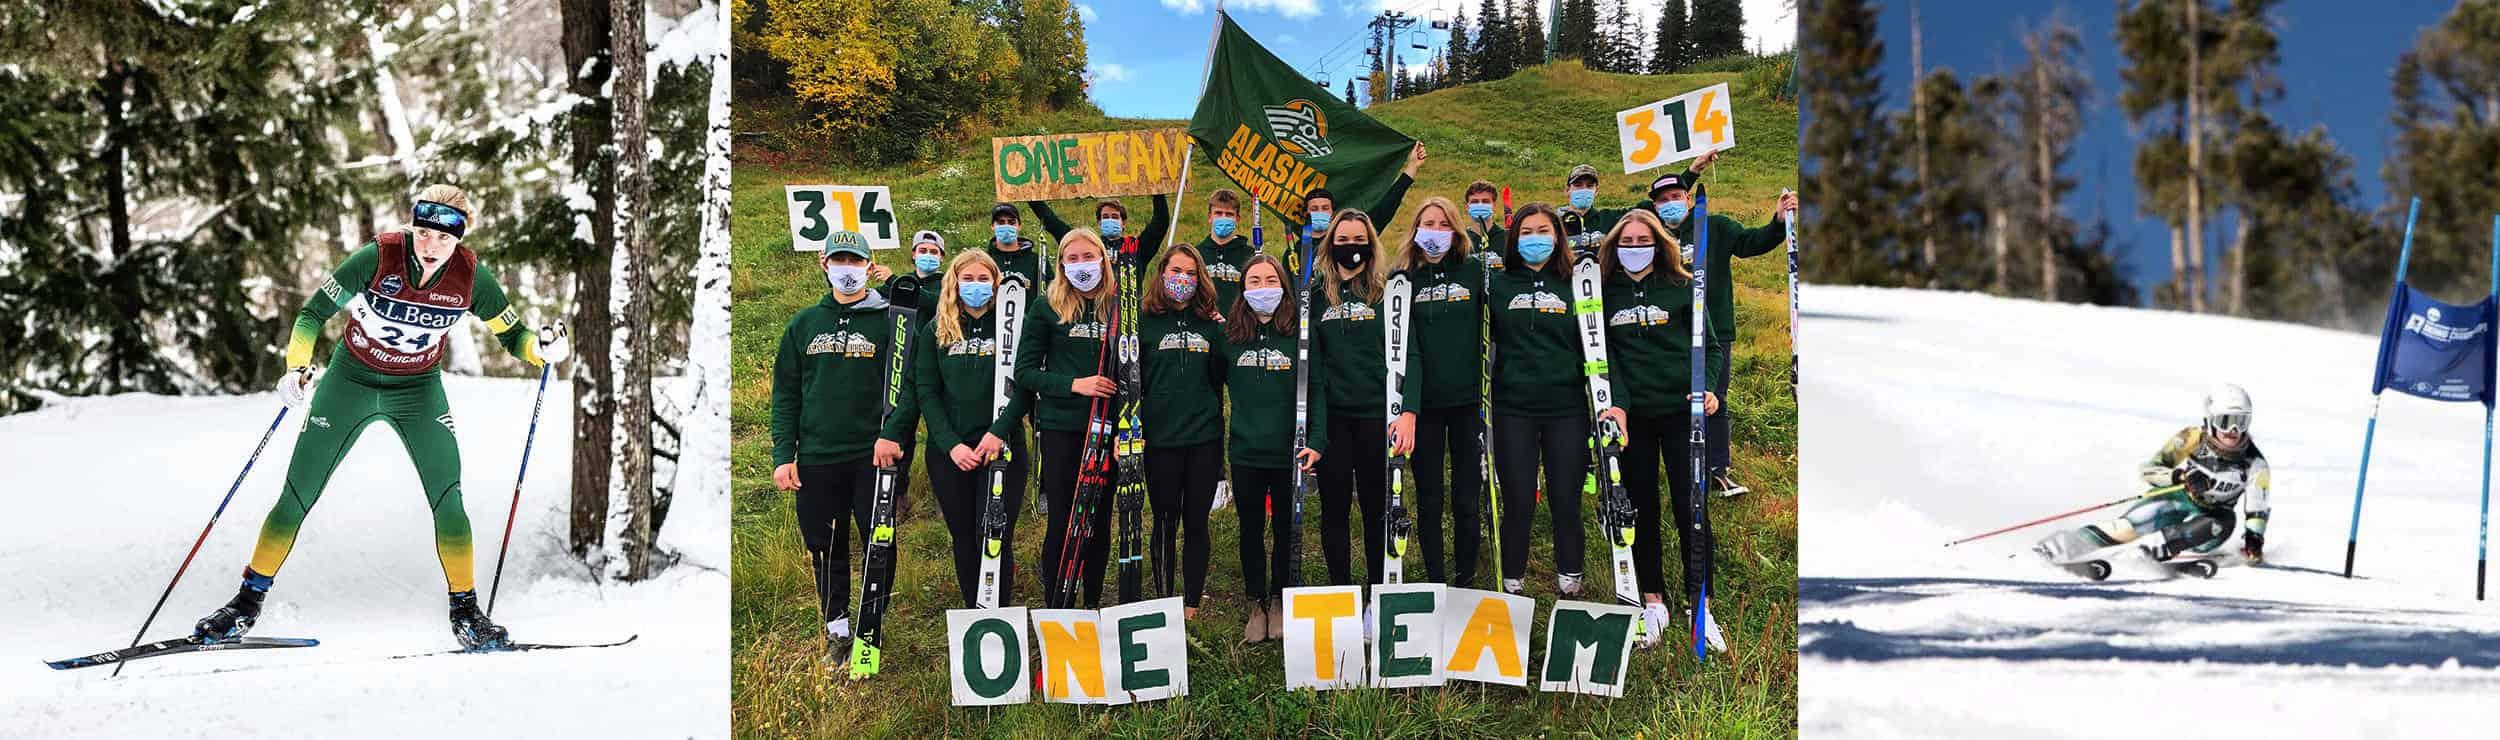 UAA Skiing - One Team, One Goal, 314